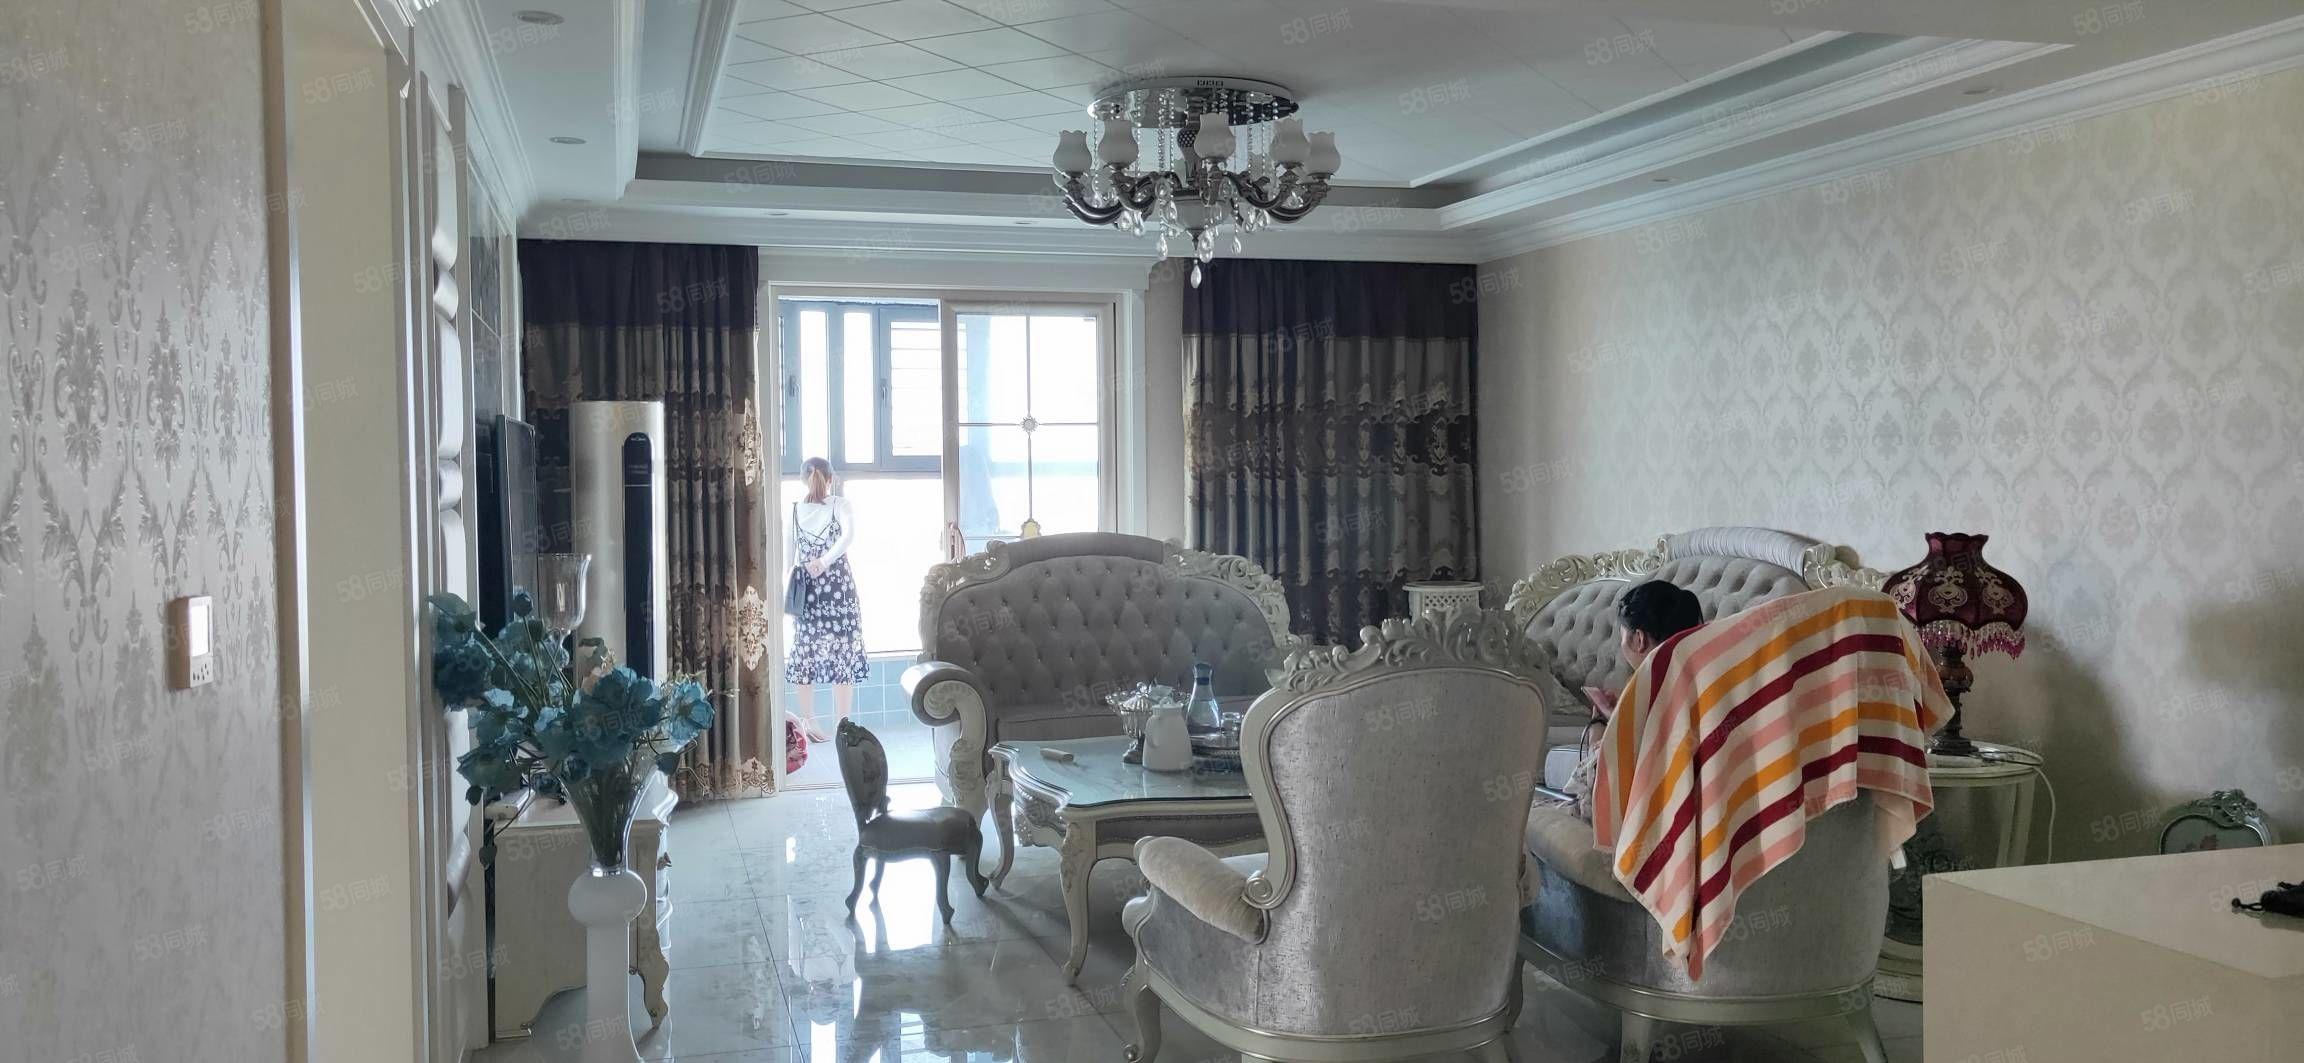 昌建东外滩,一线河景房,精装4居室,拎包入住,免个税